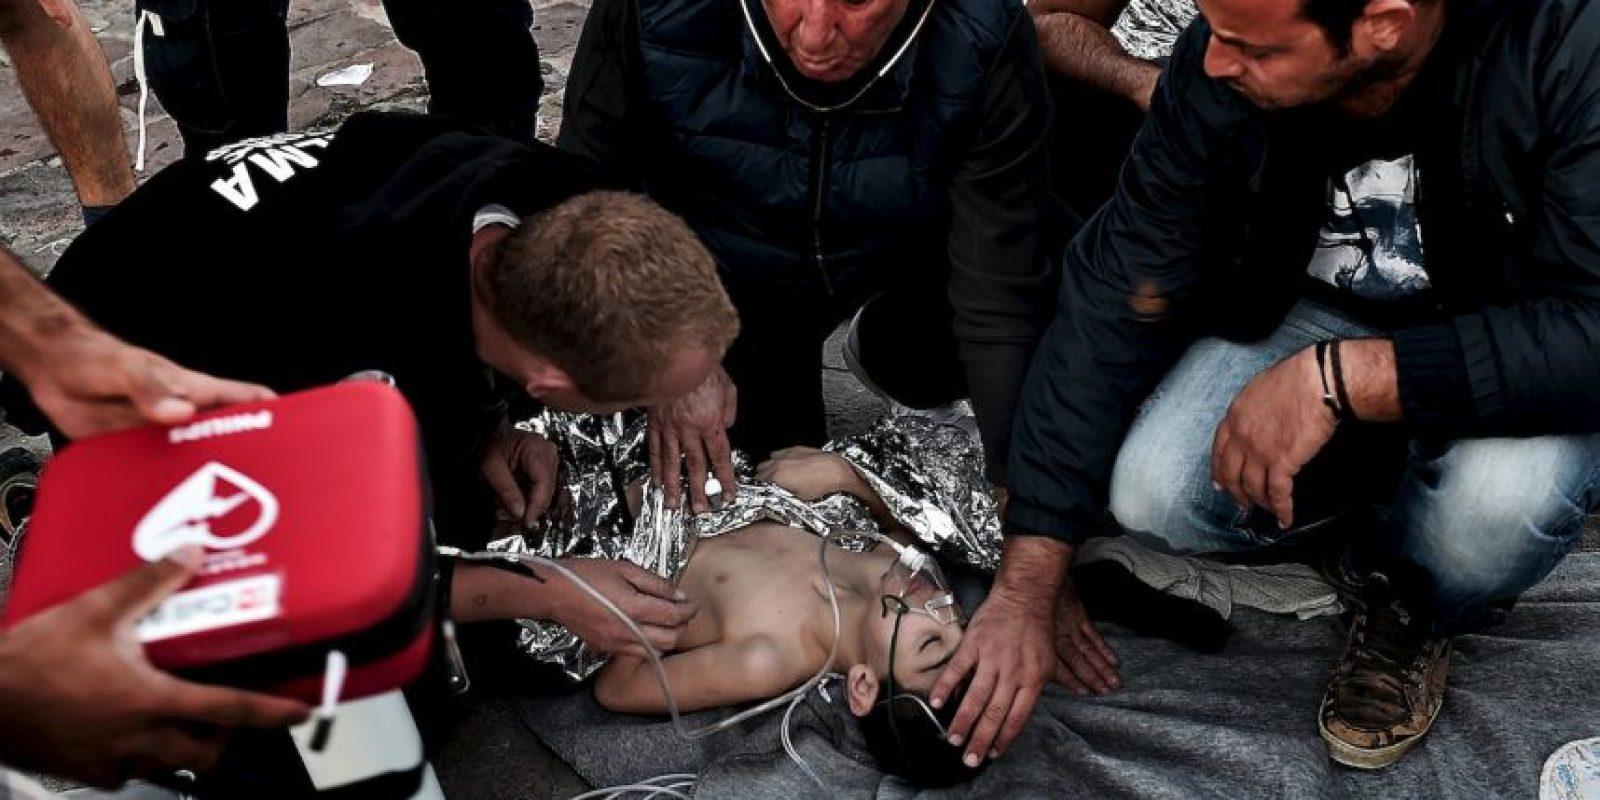 Médicos dan primeros auxilios a niño refugiado que viajaba en barco que naufragó el pasado 28 de octubre. Foto:AFP